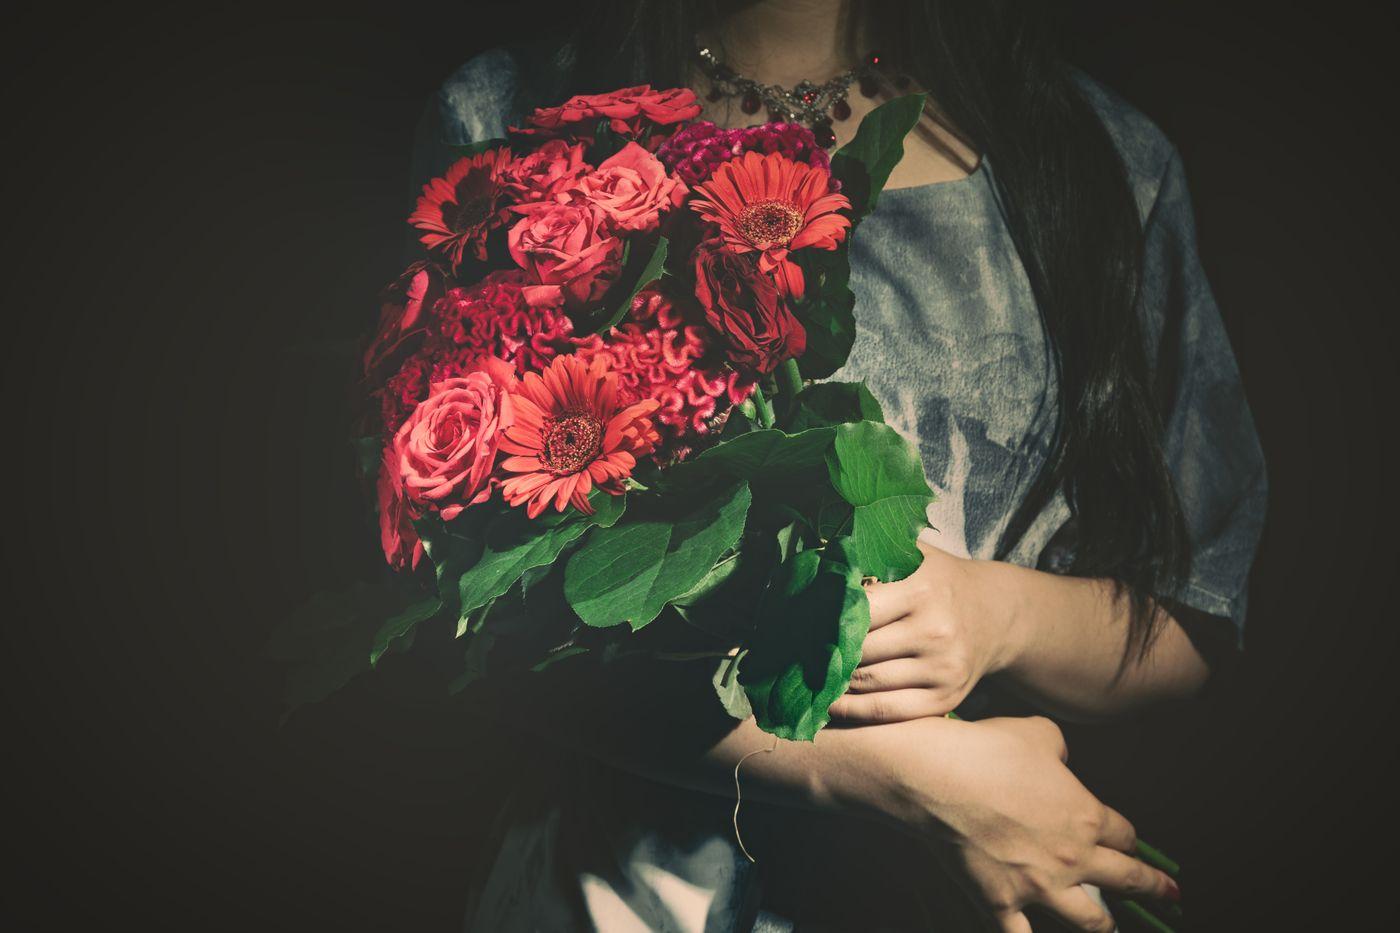 バラの花束をを抱えた女性の写真